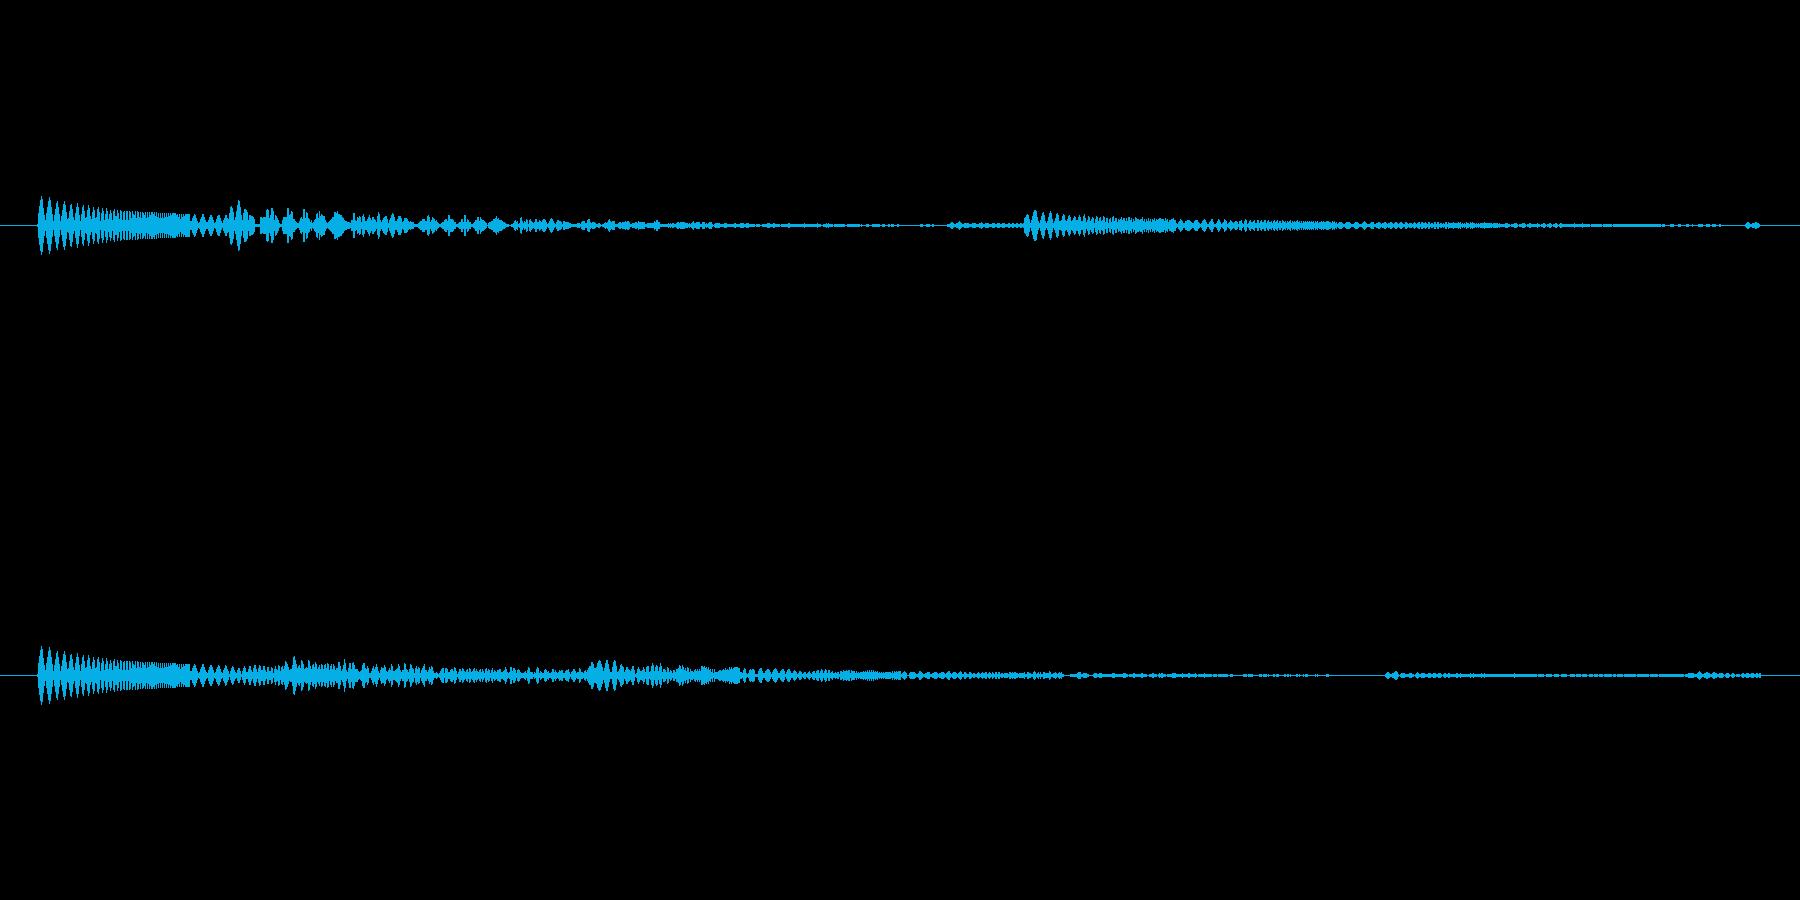 効果音【水中】の再生済みの波形